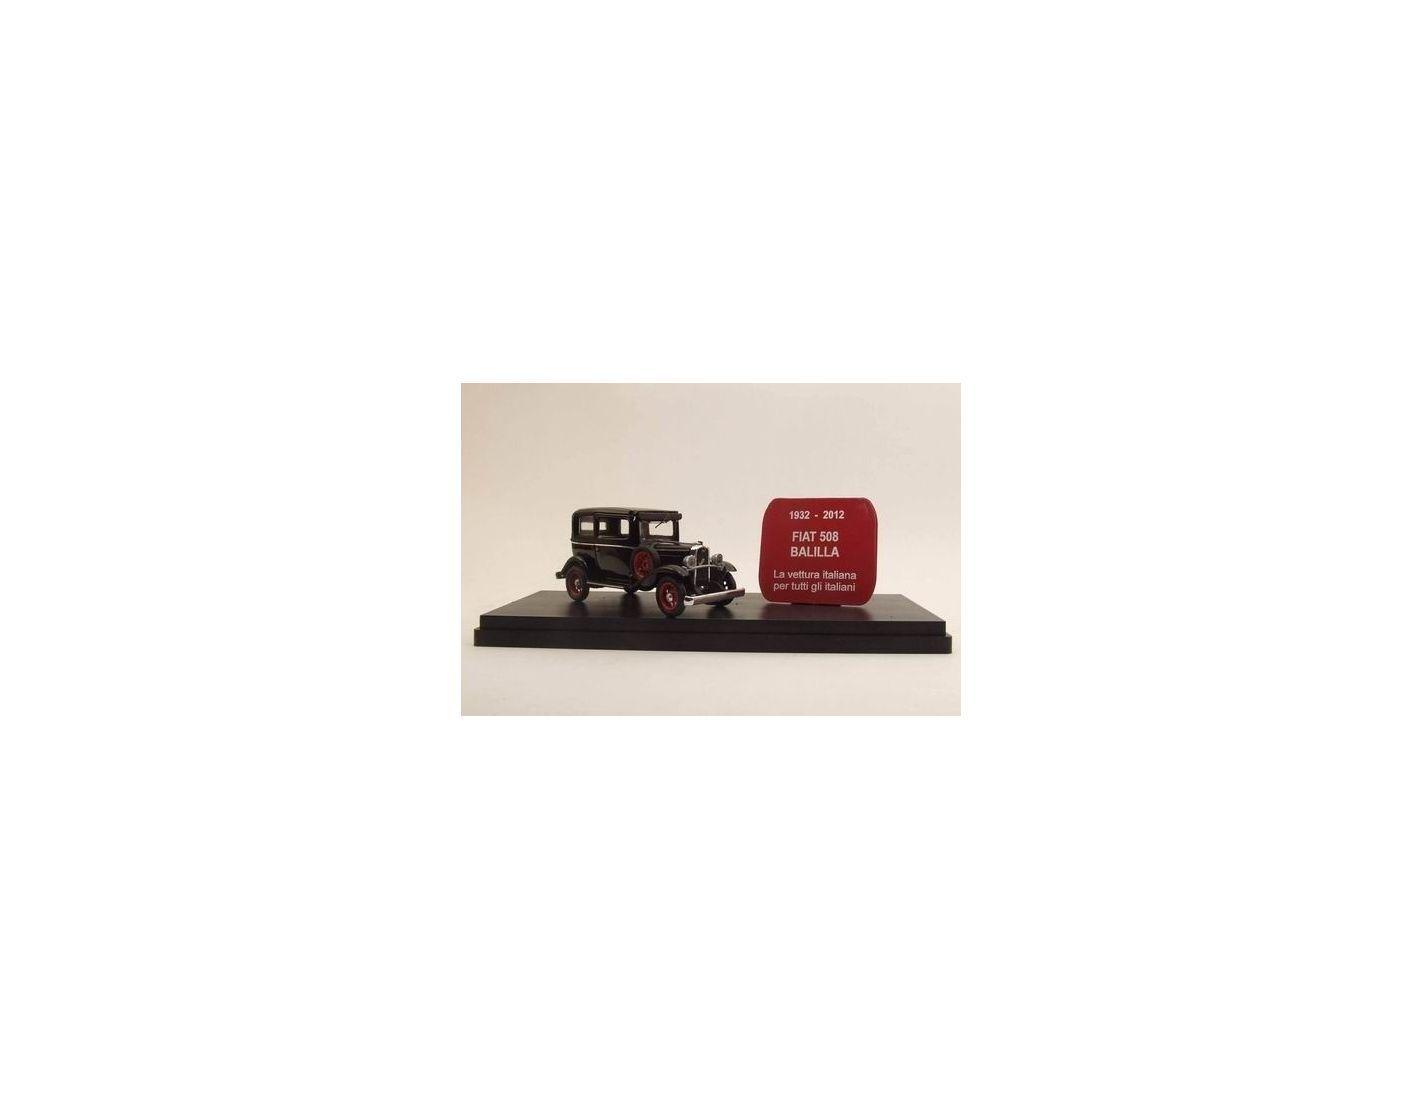 Rio 4372 FIAT 508 BALILLA 1932-2012  Modellino